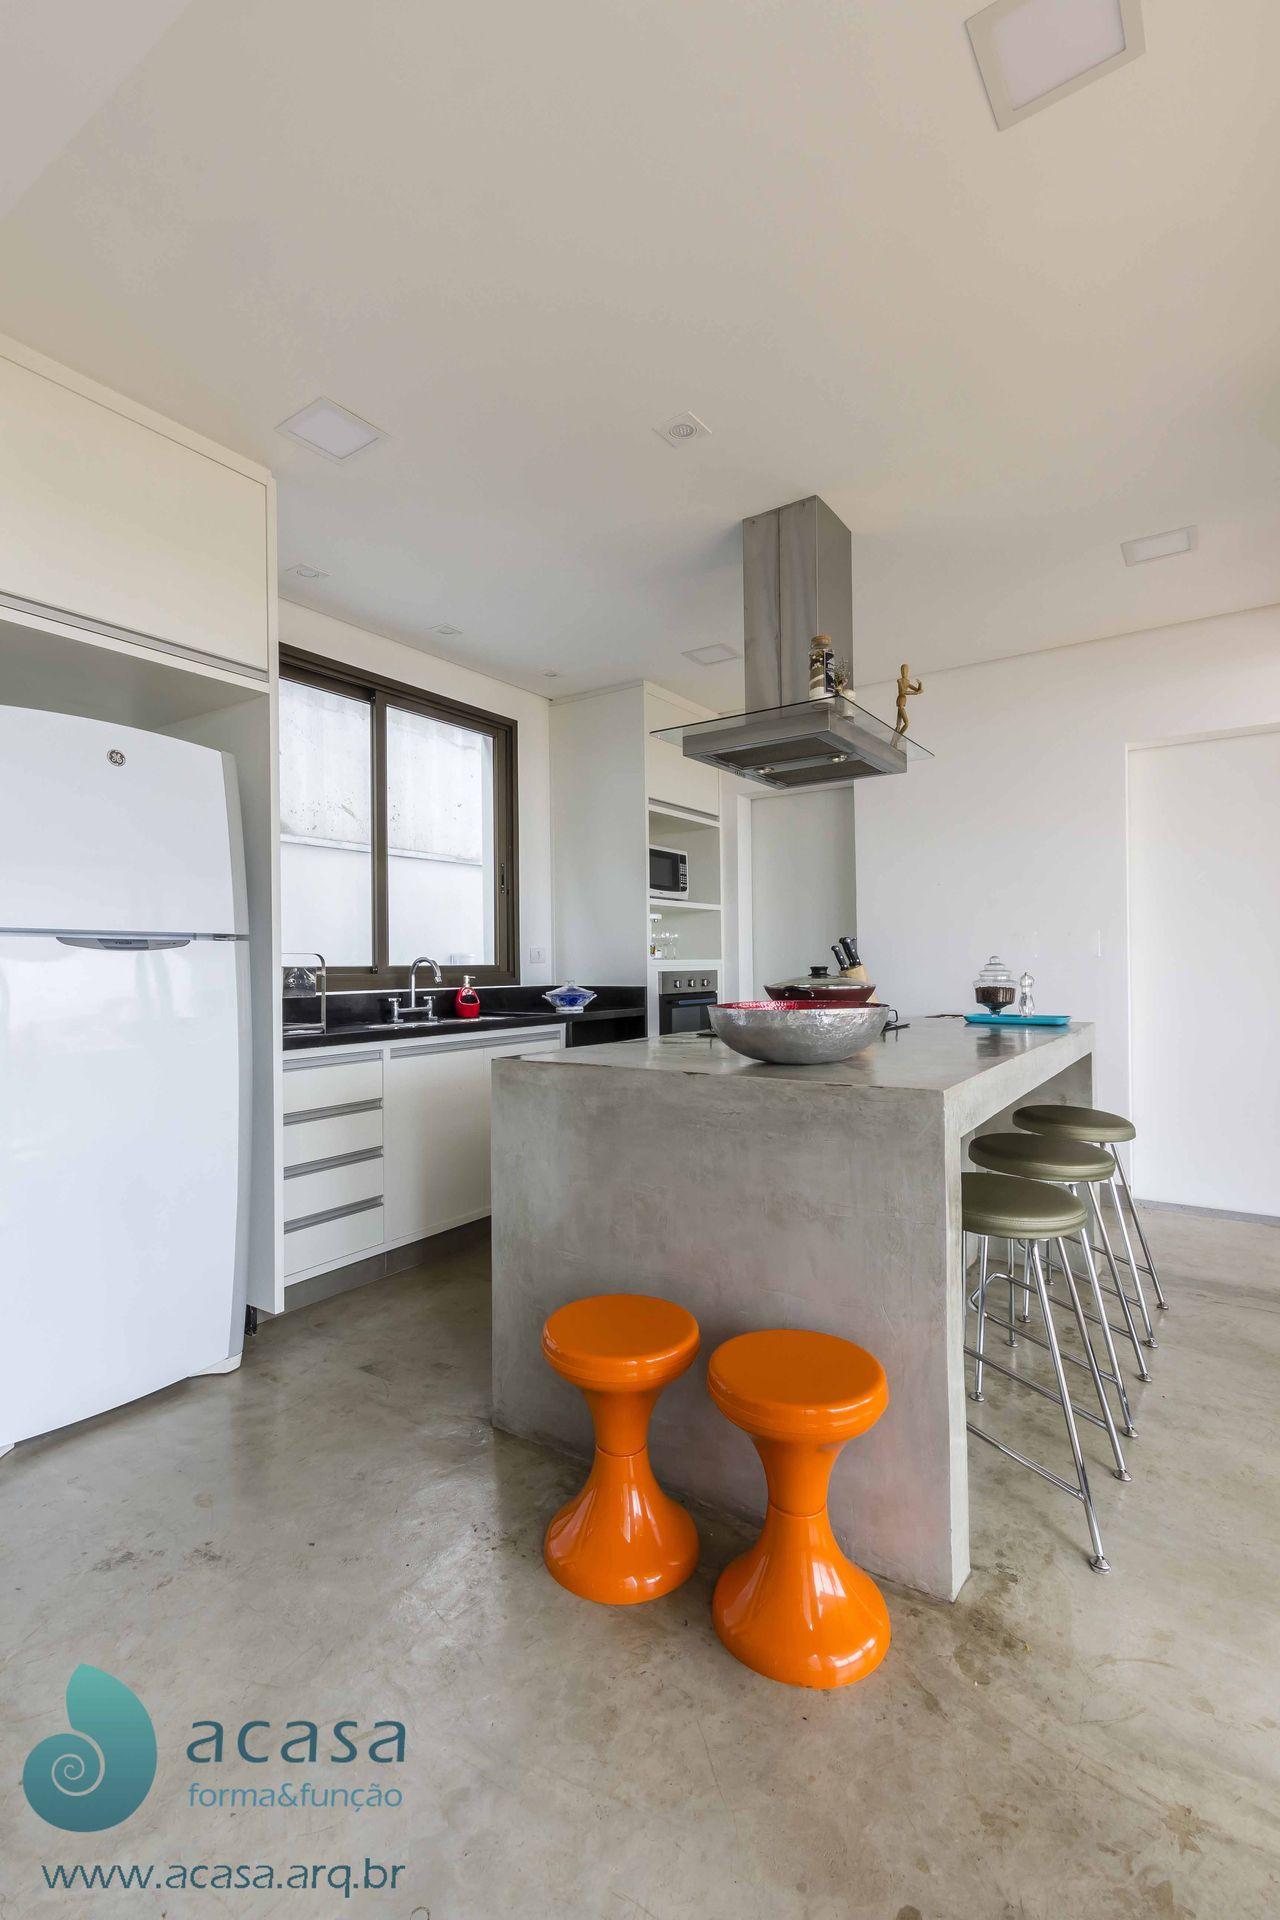 Cozinha Em Cimento Queimado E Ilha Com Cooktop De Acasa Forma Fun O